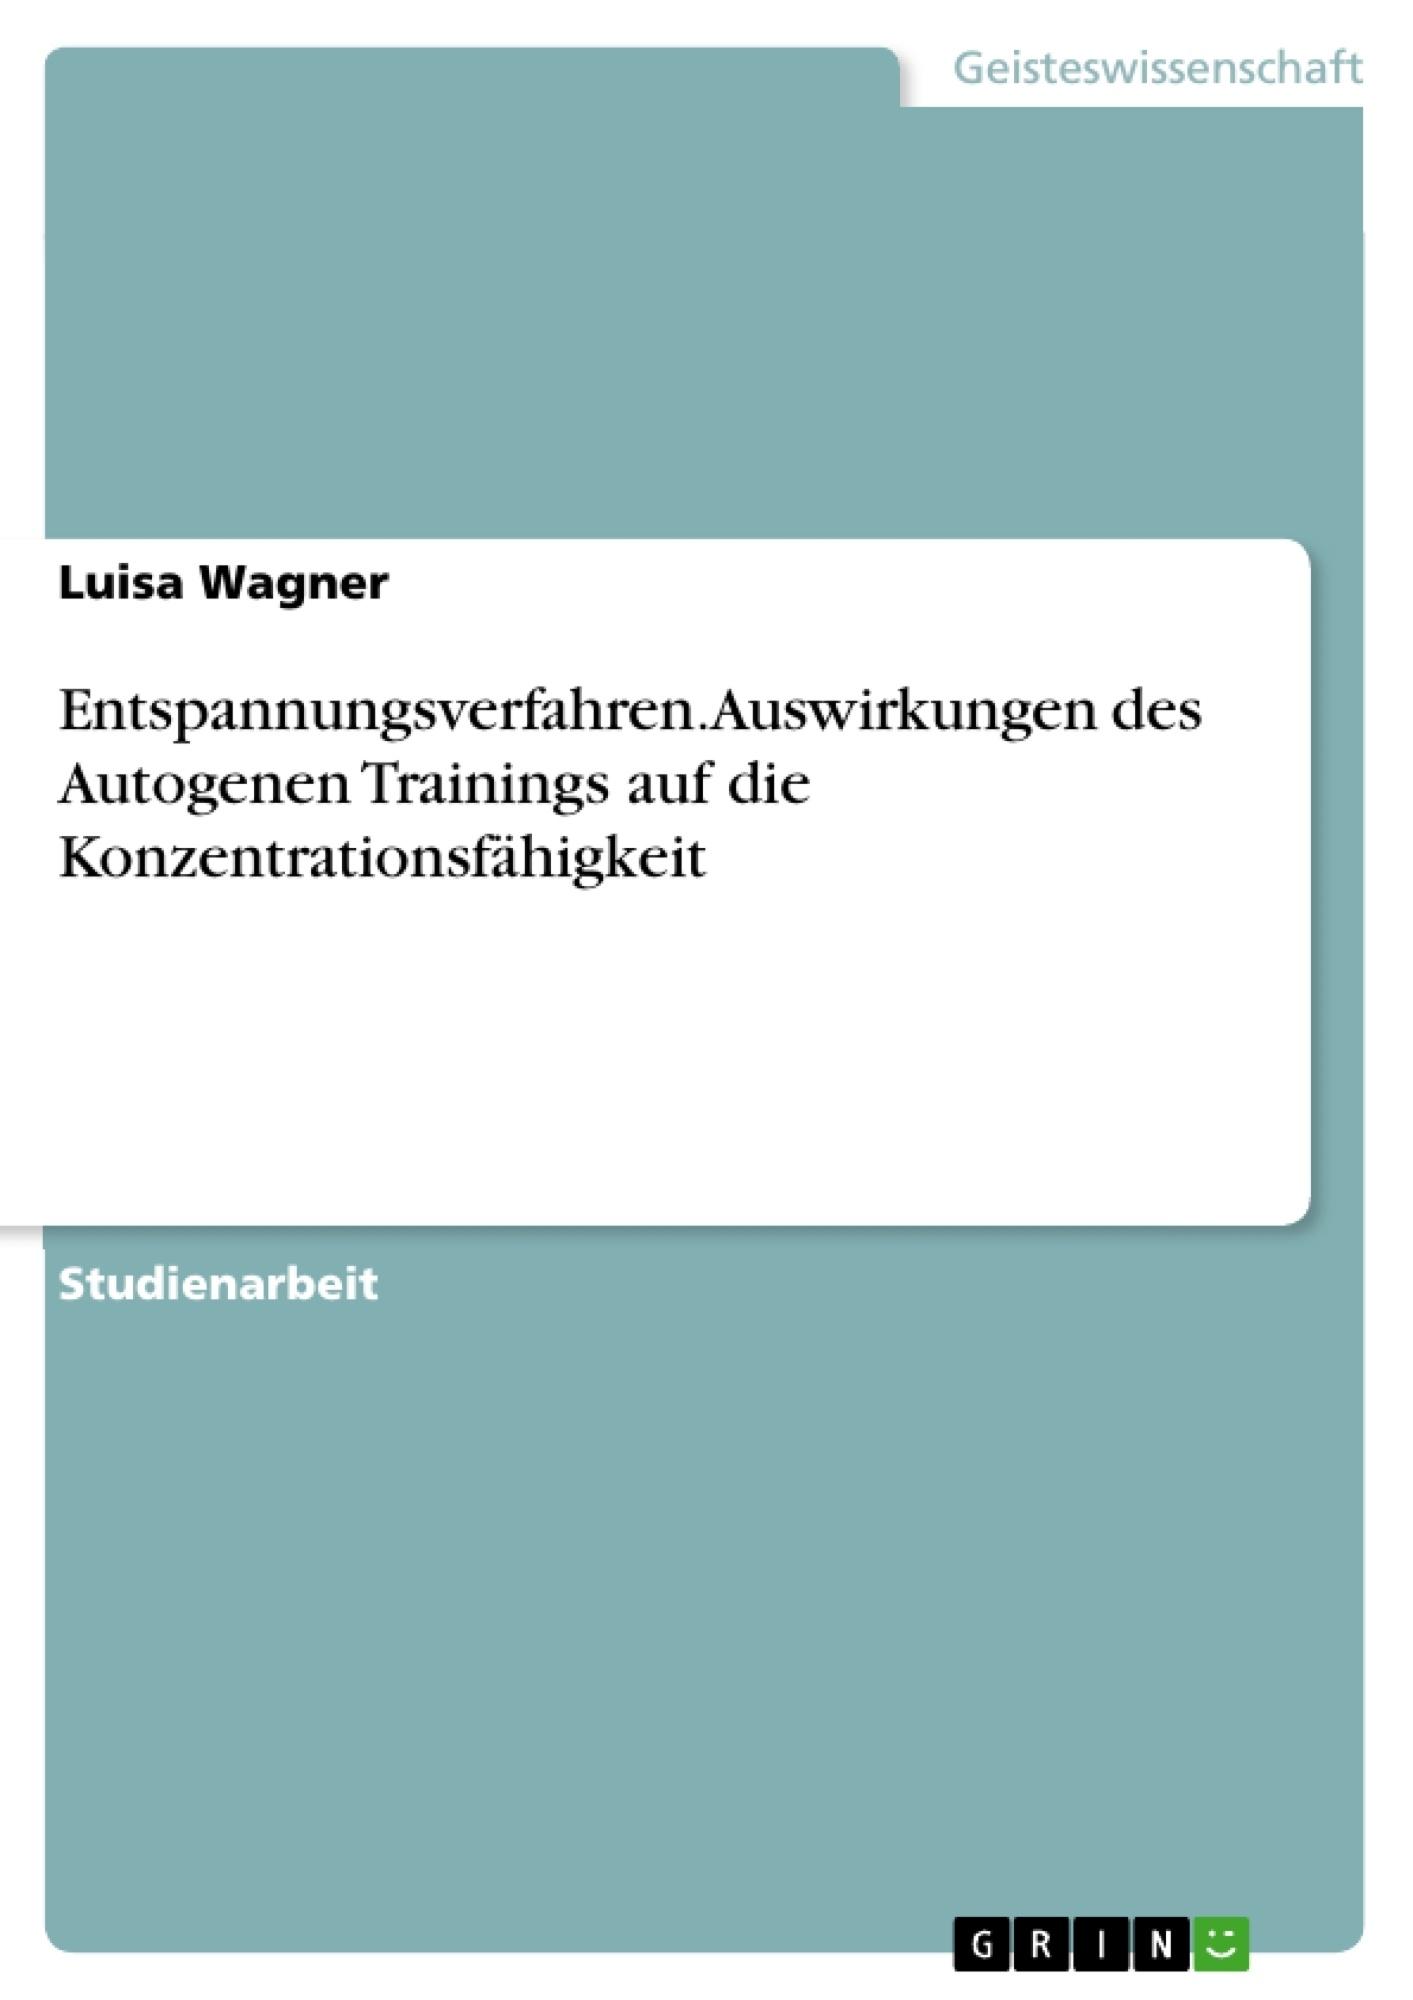 Titel: Entspannungsverfahren. Auswirkungen des Autogenen Trainings auf die Konzentrationsfähigkeit